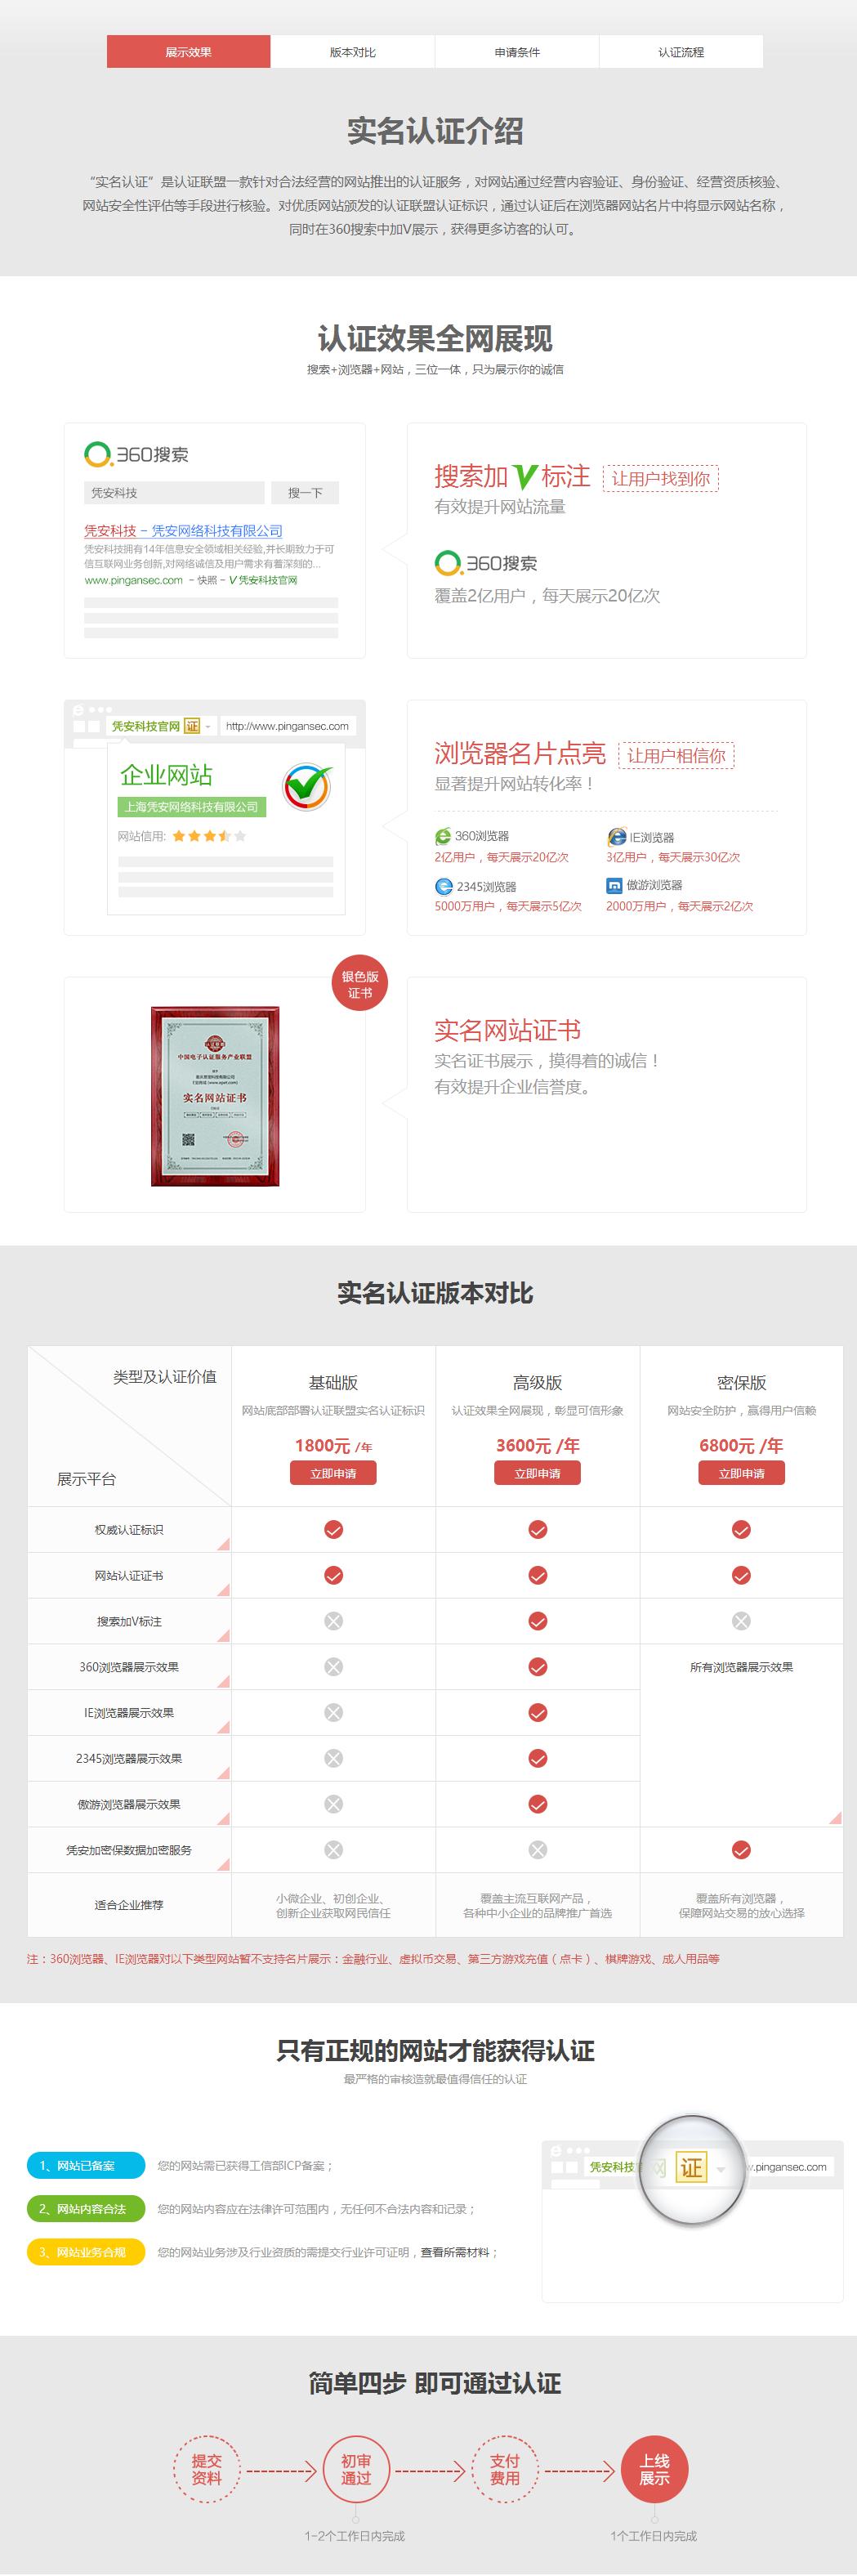 实名网站认证-中国认证联盟可信网站认证.png